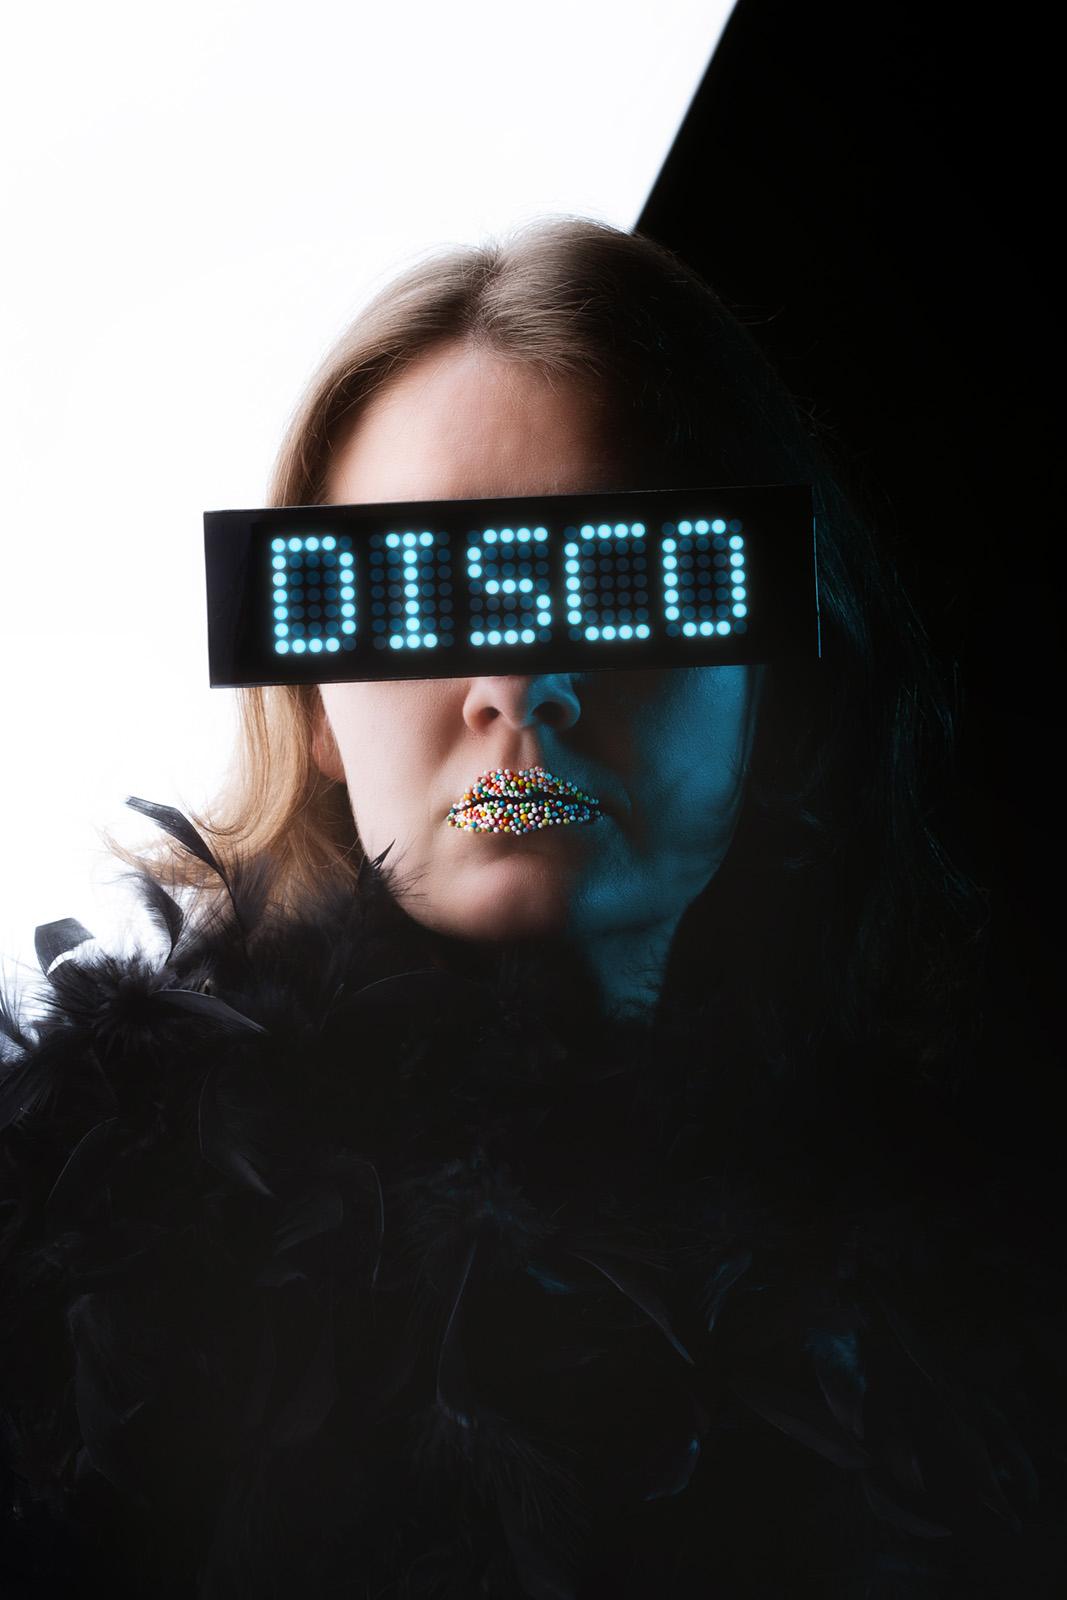 faye_disco_001.jpg